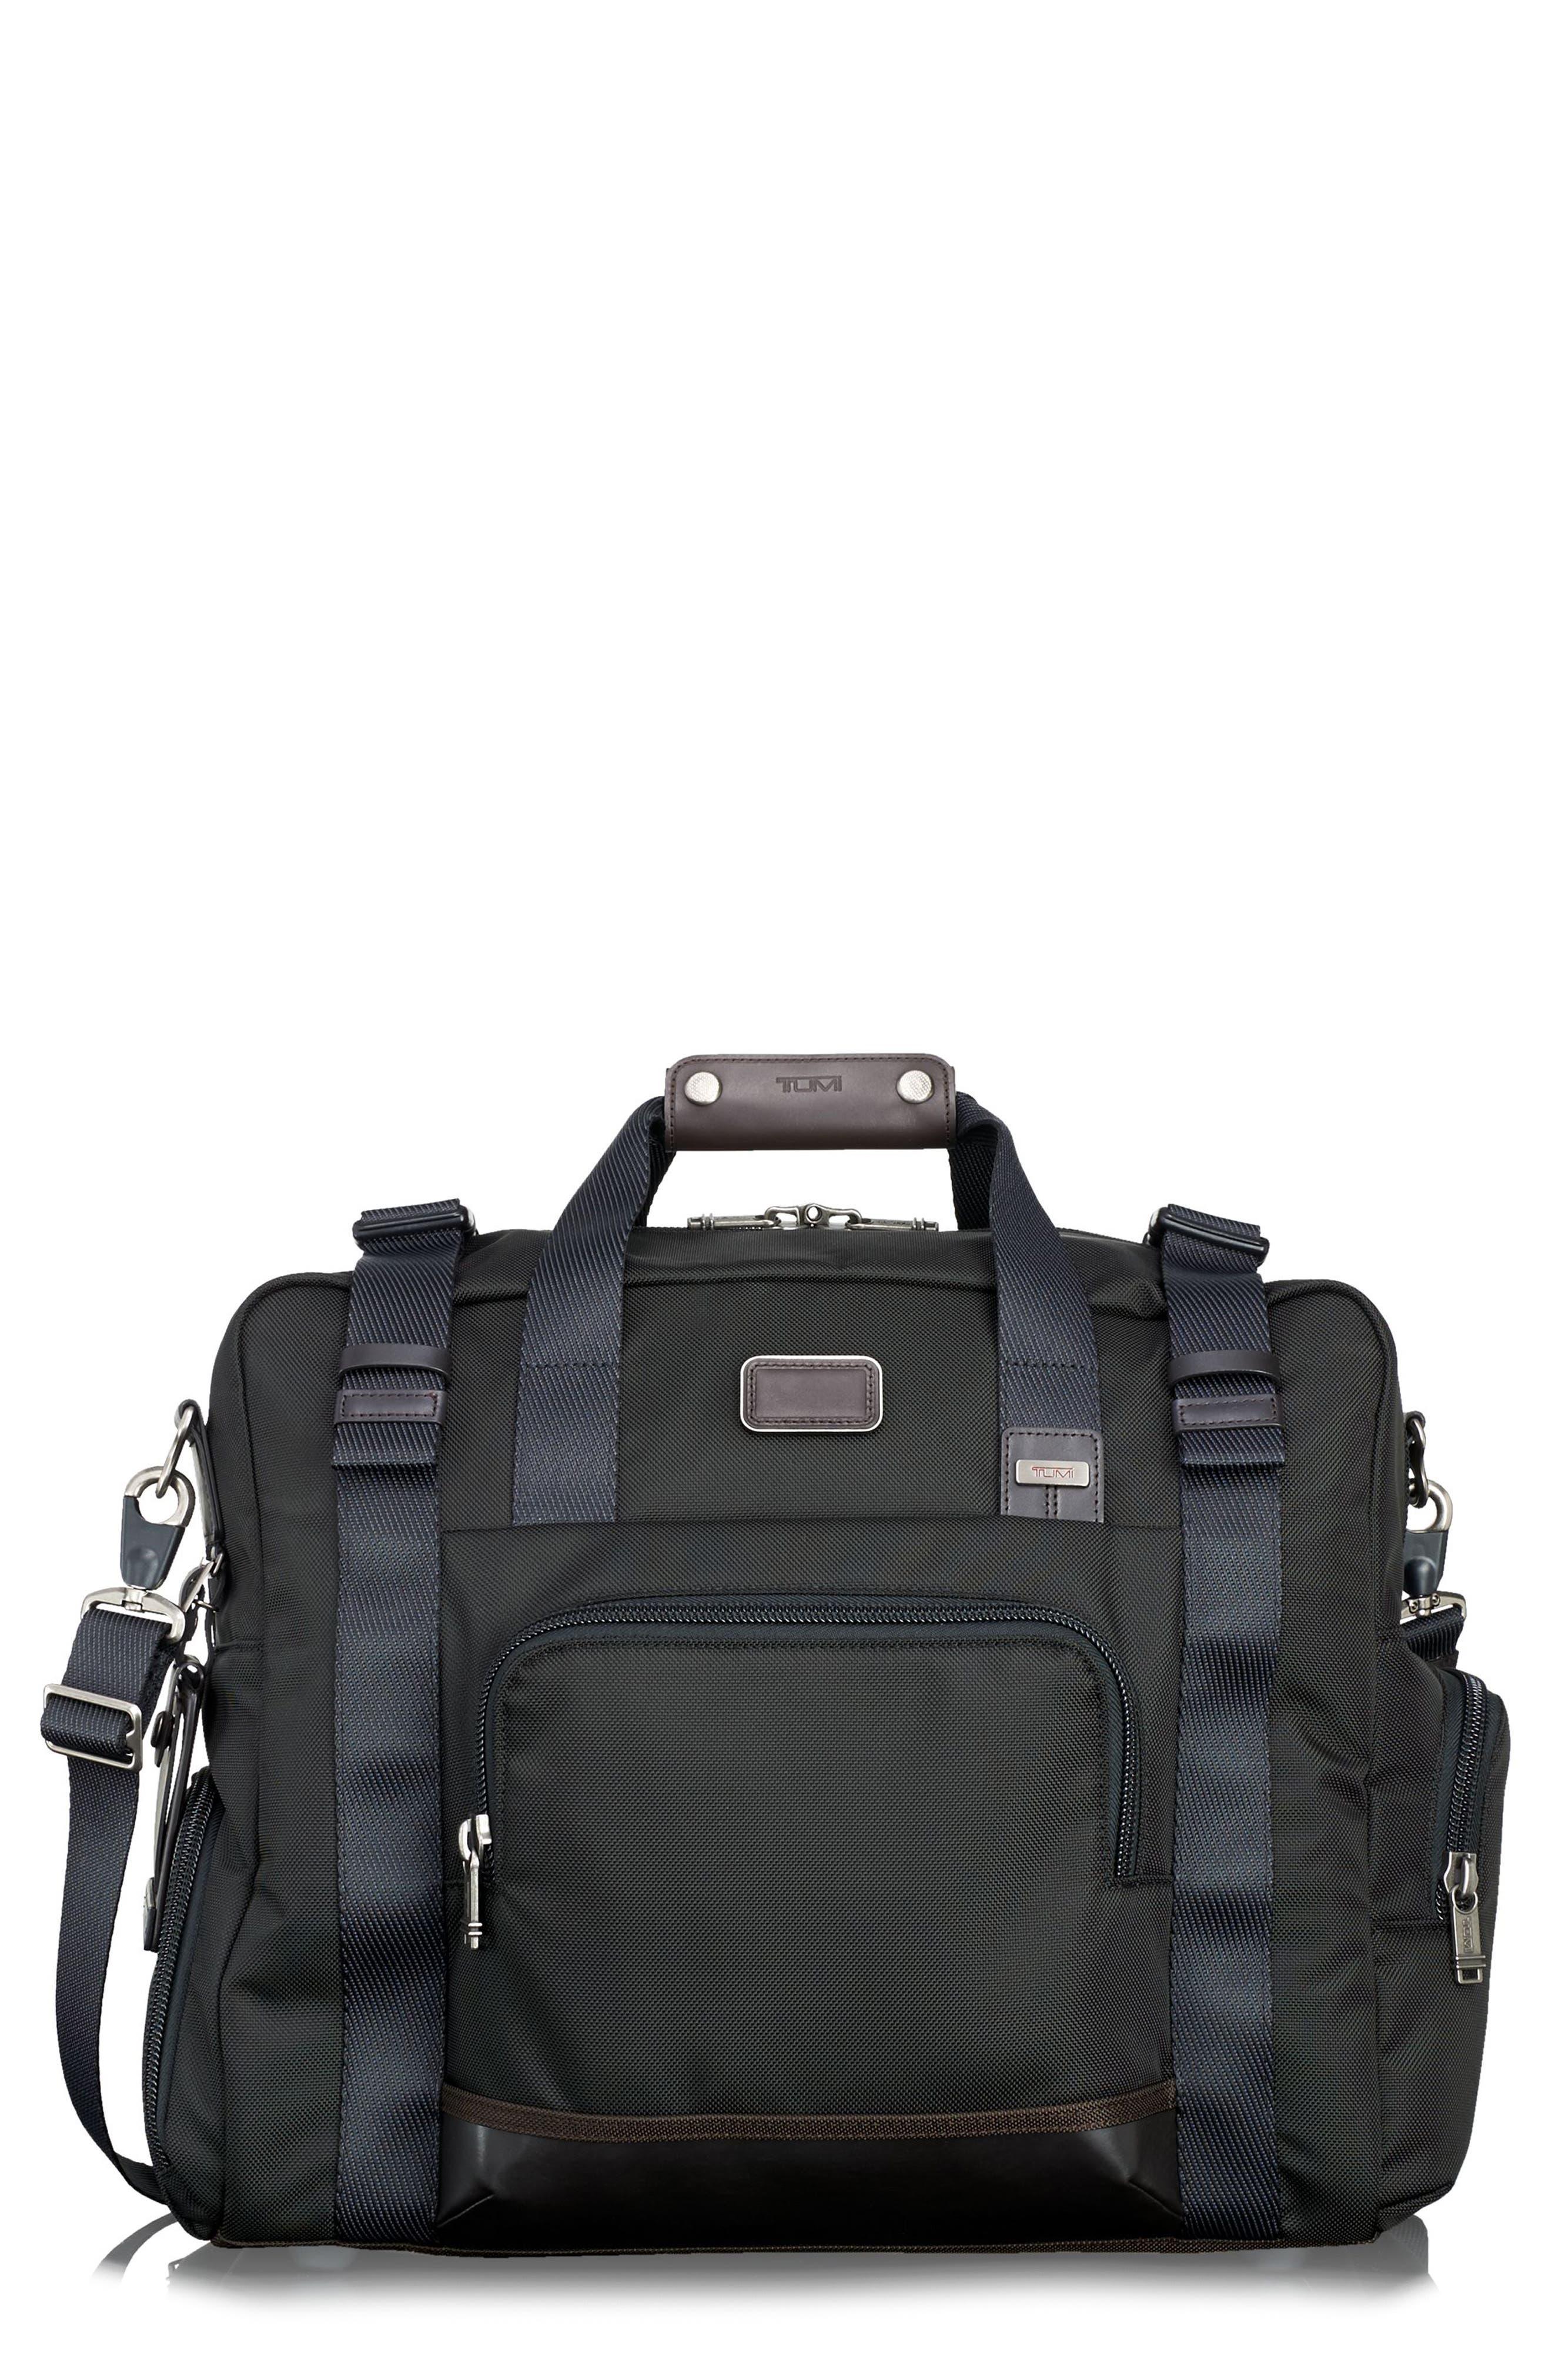 Alpha Bravo Buckner Duffel Bag,                         Main,                         color, 001